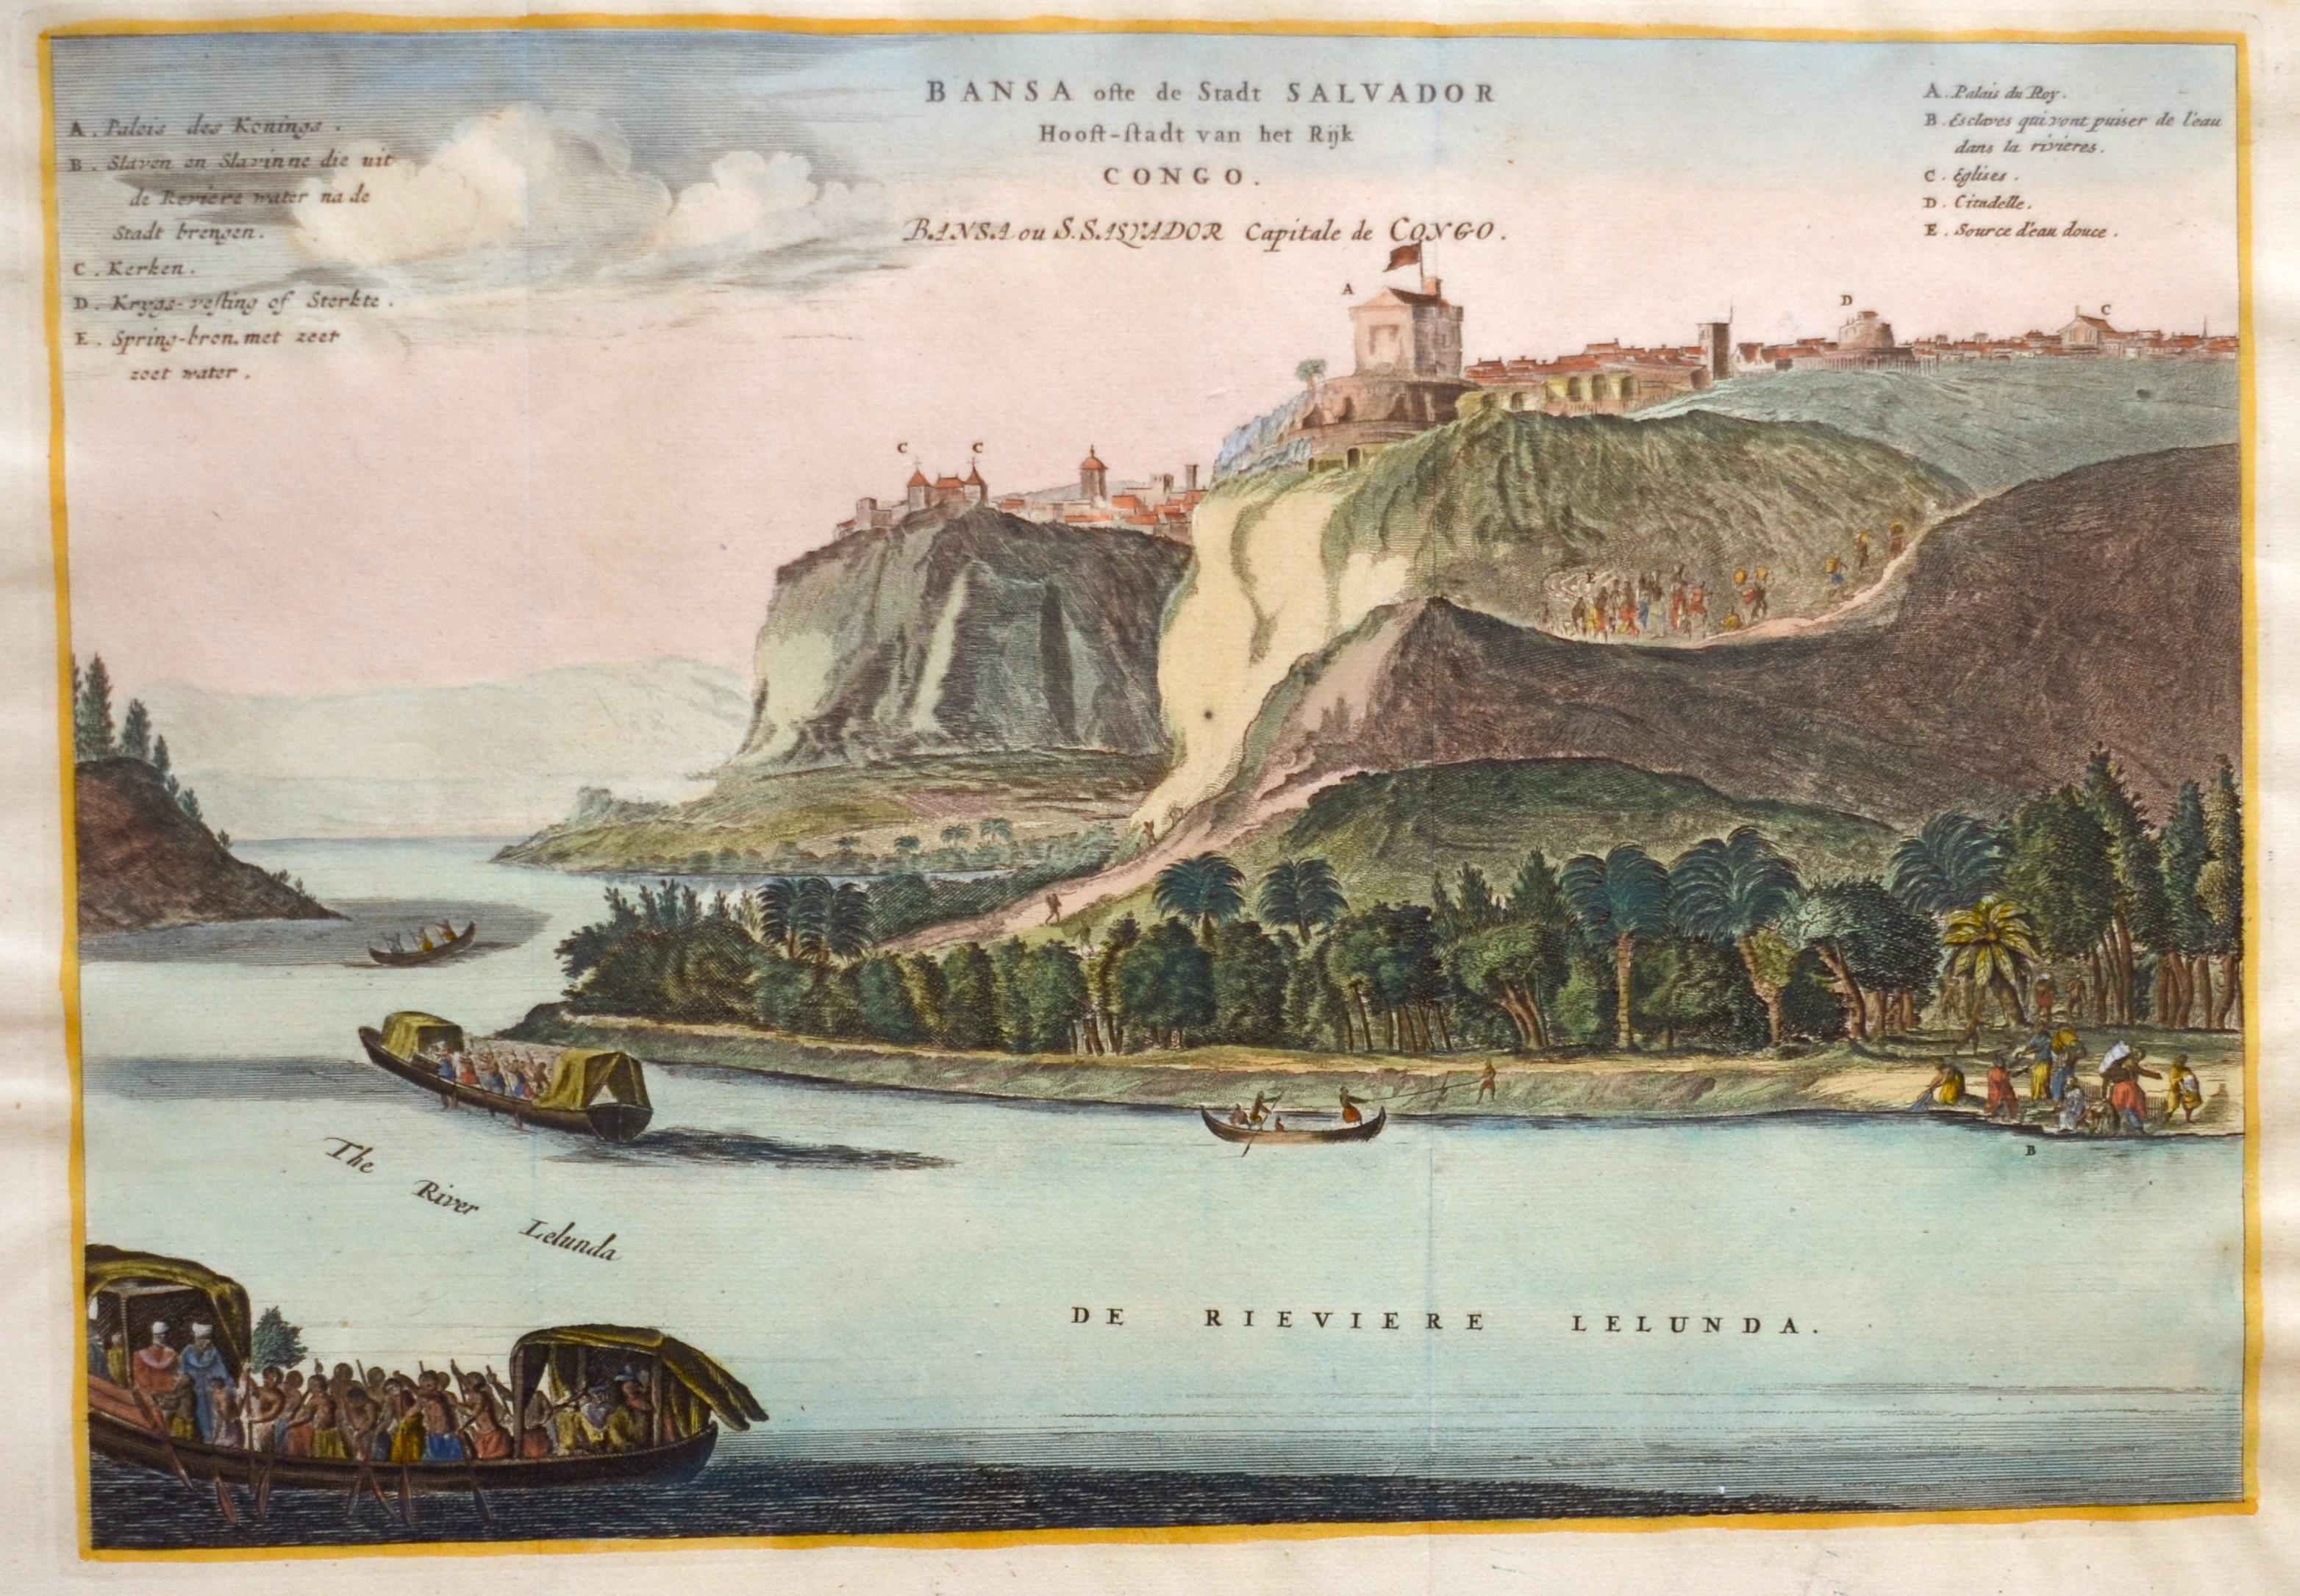 Dapper  Bansa ofte de Stadt Salvador Hooft-stadt van het Rijk Congo.